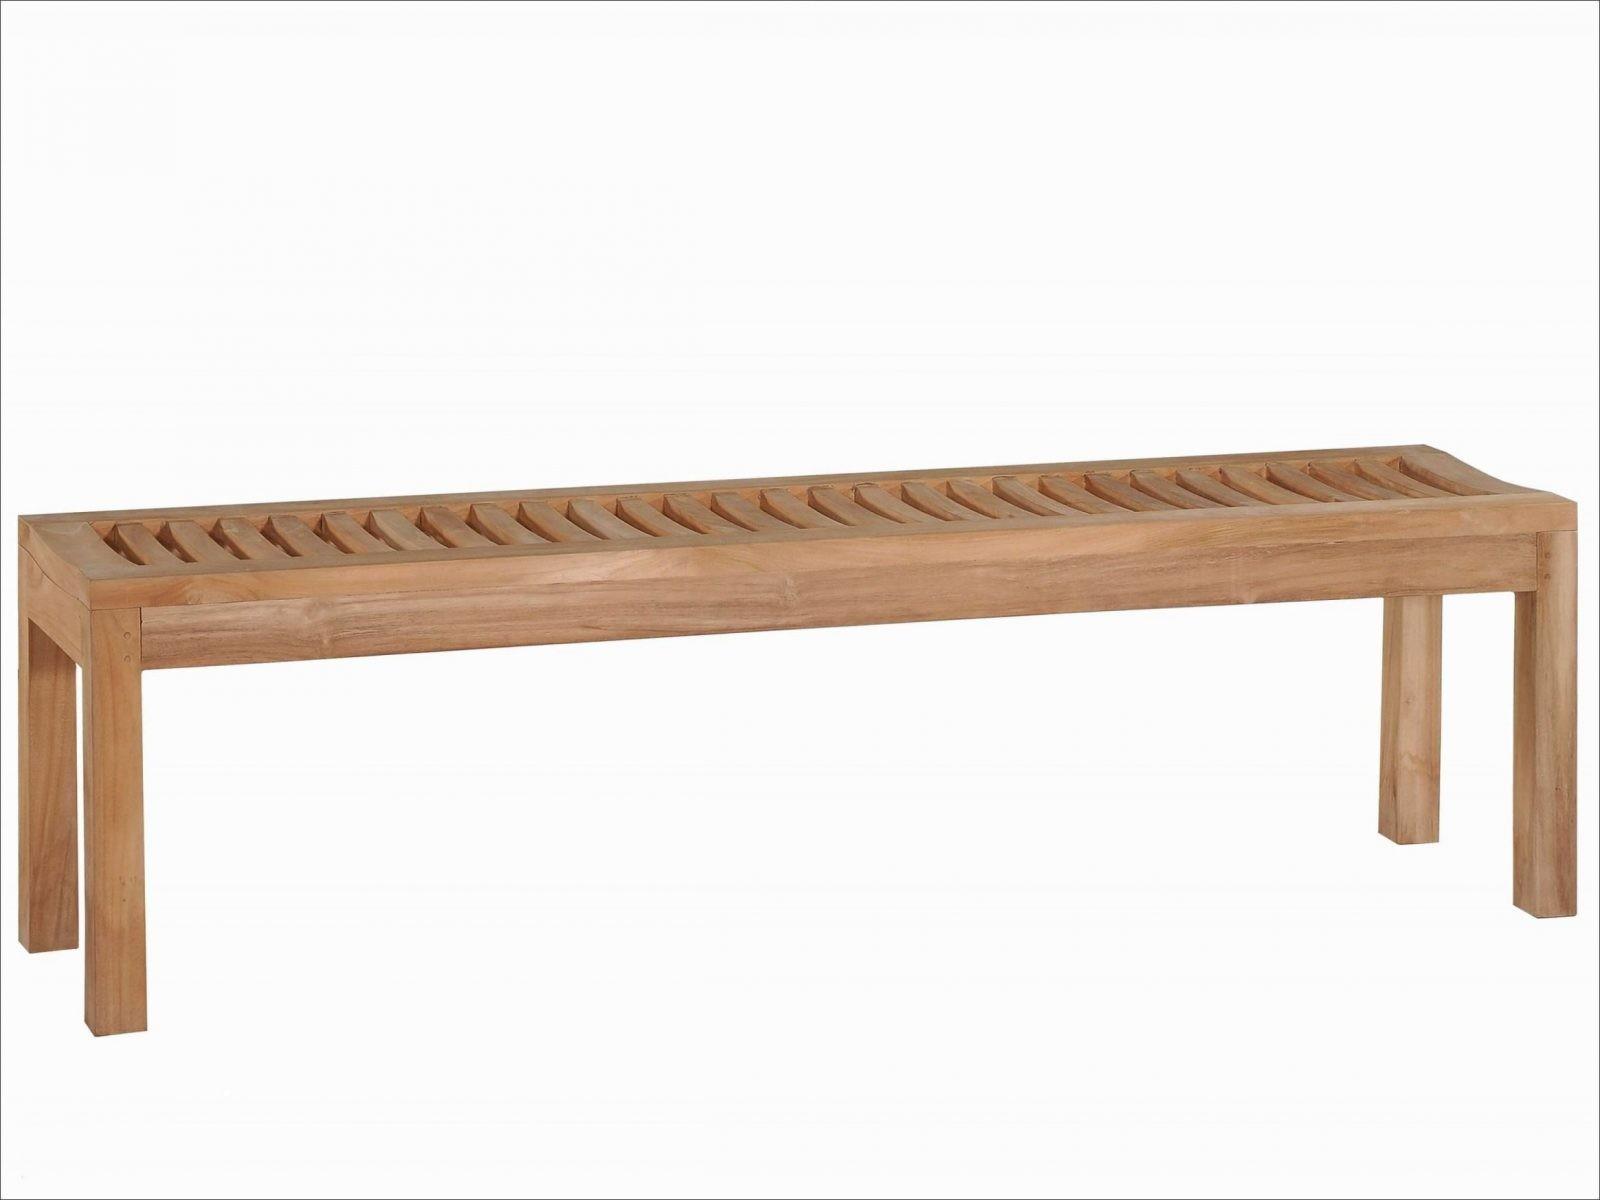 Garten Sitzbank Selber Bauen Vorstellung Gartenbank Holz Cool von Gartenbank Holz Selber Bauen Photo